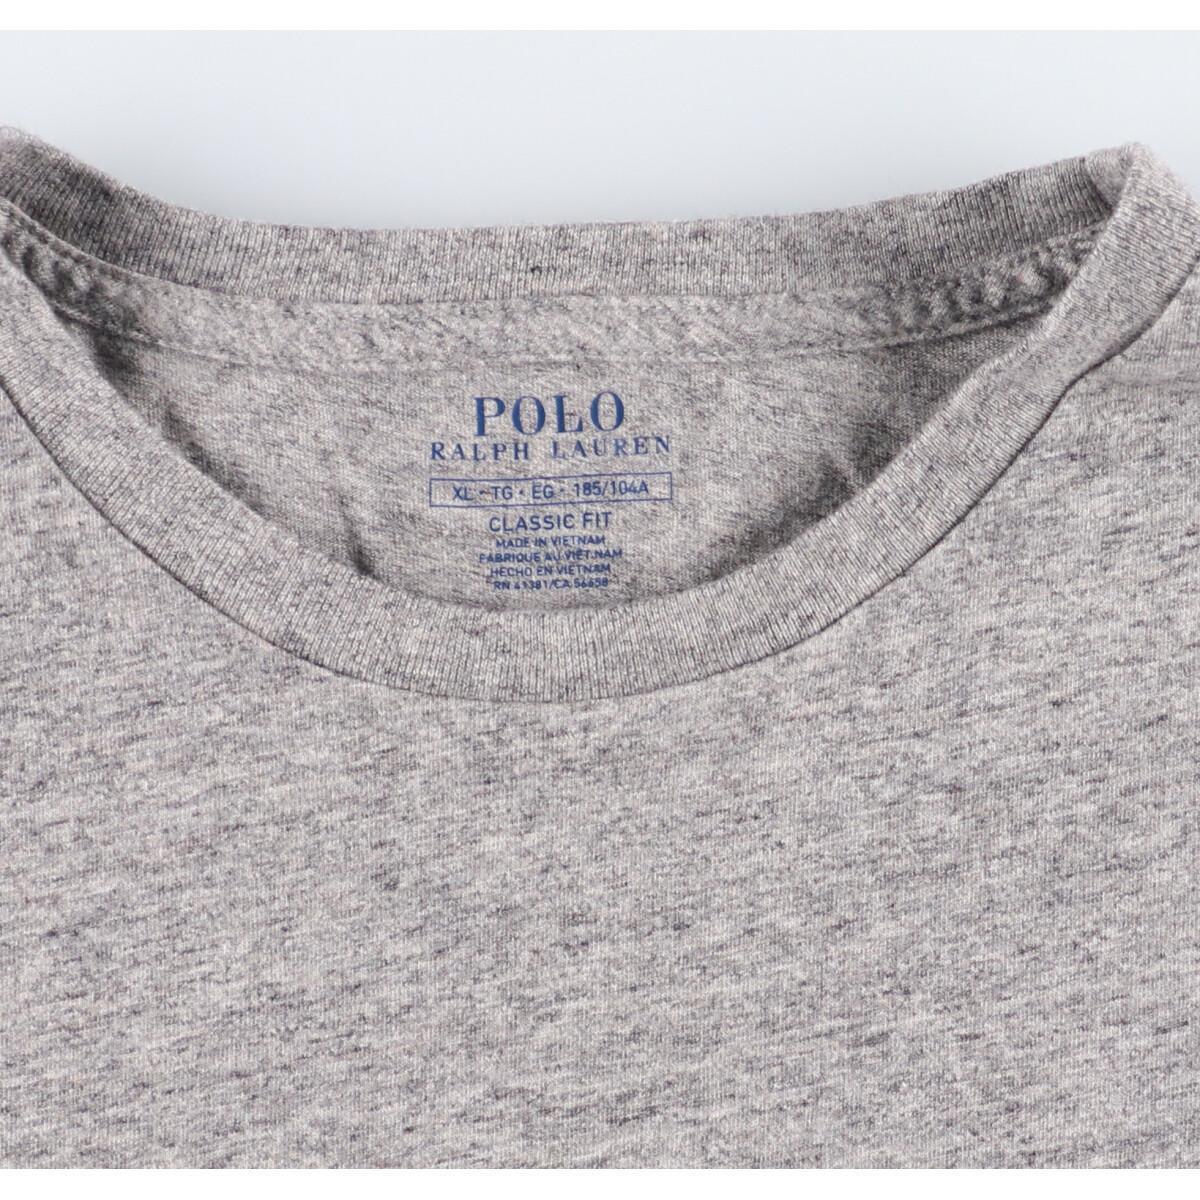 ラルフローレン Ralph Lauren POLO RALPH LAUREN 半袖 ワンポイントロゴポケットTシャツ メンズXL /eaa160158_画像3